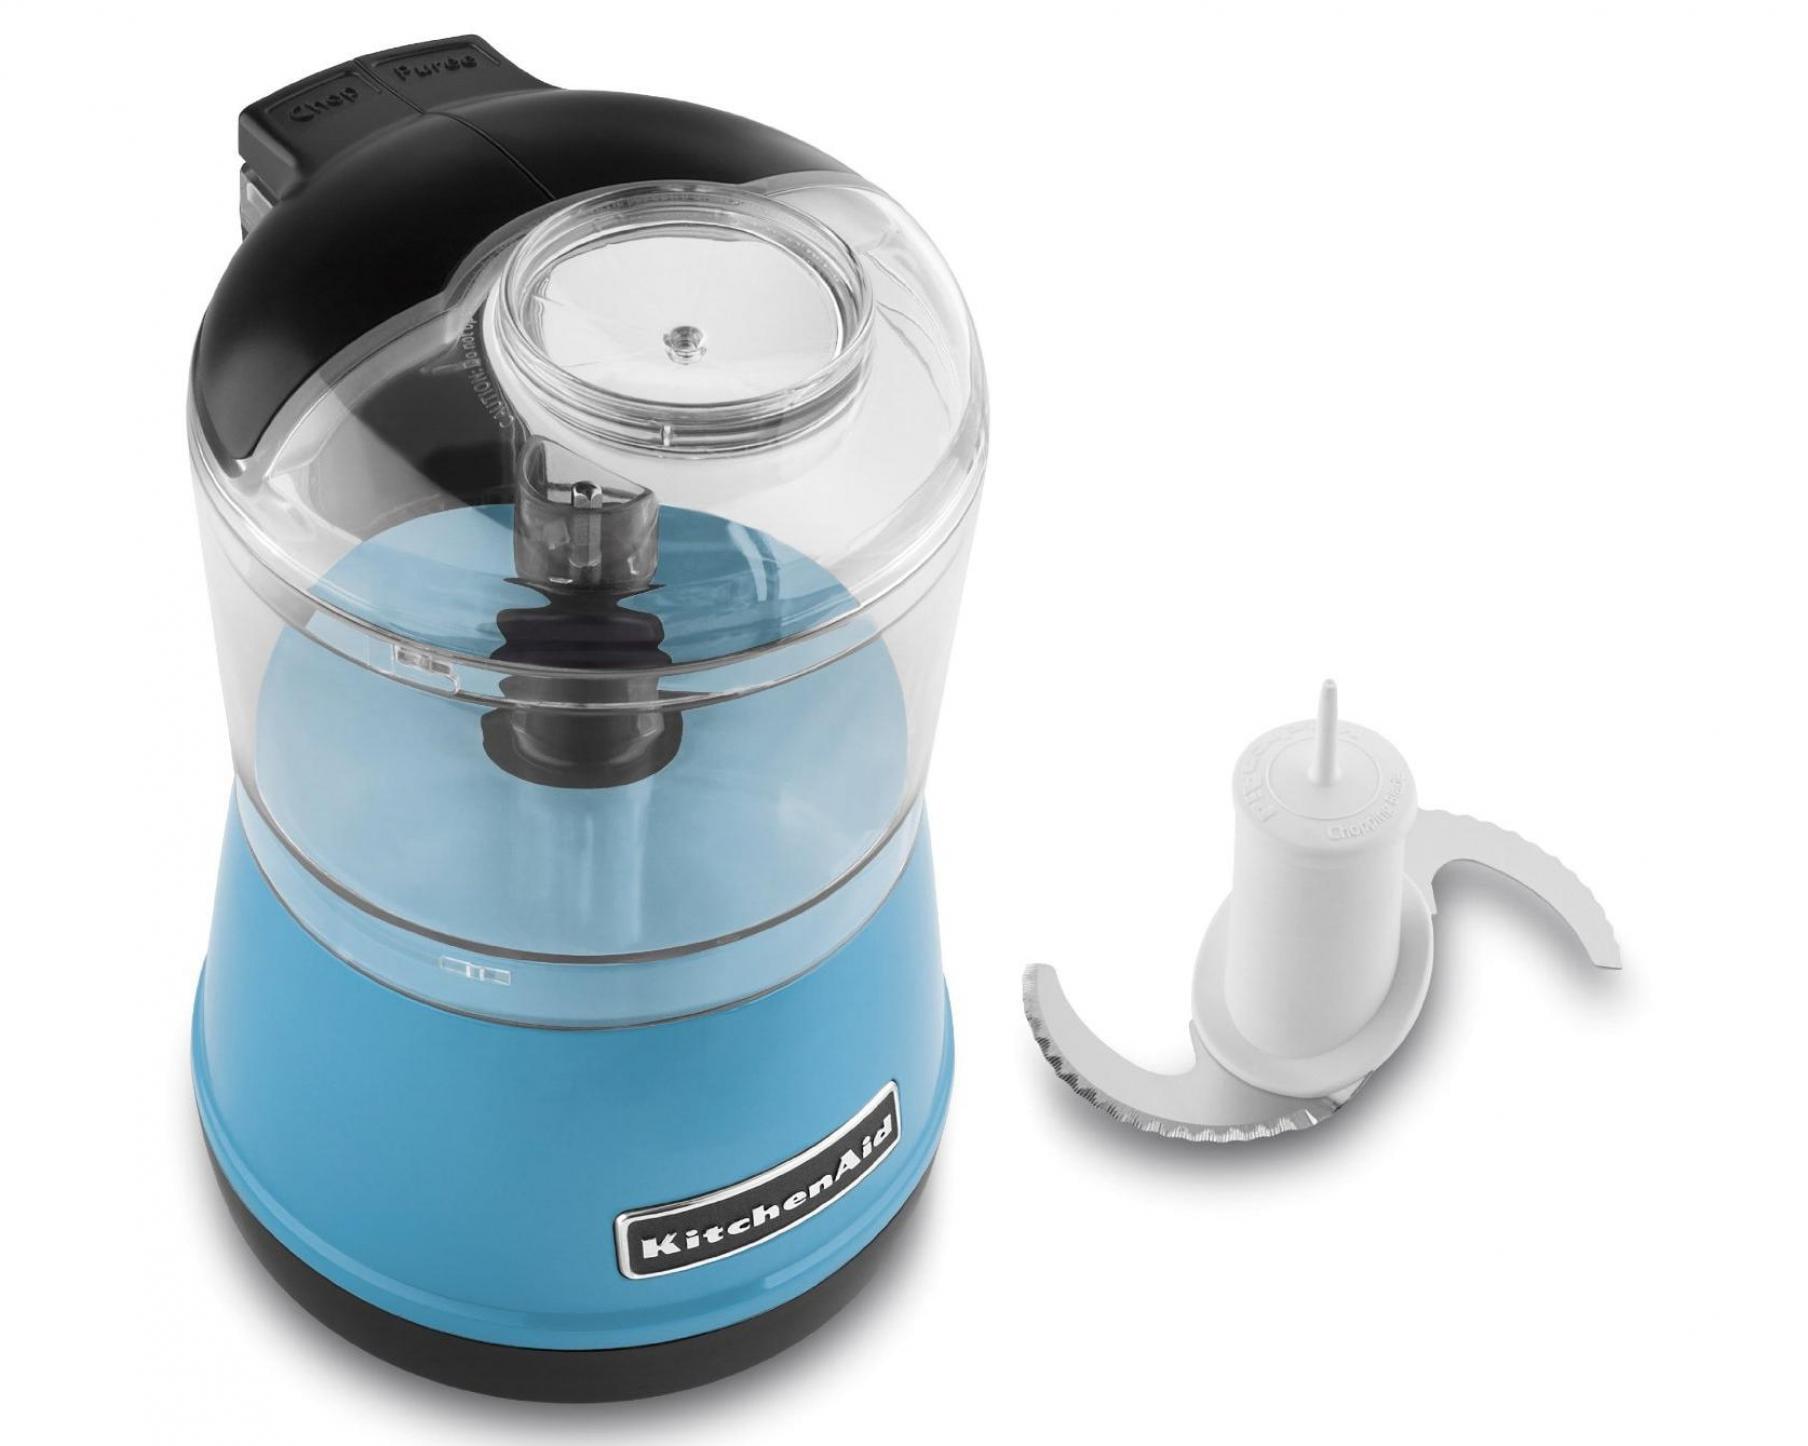 KitchenAid 3.5-Cup Food Chopper - Walmart.com